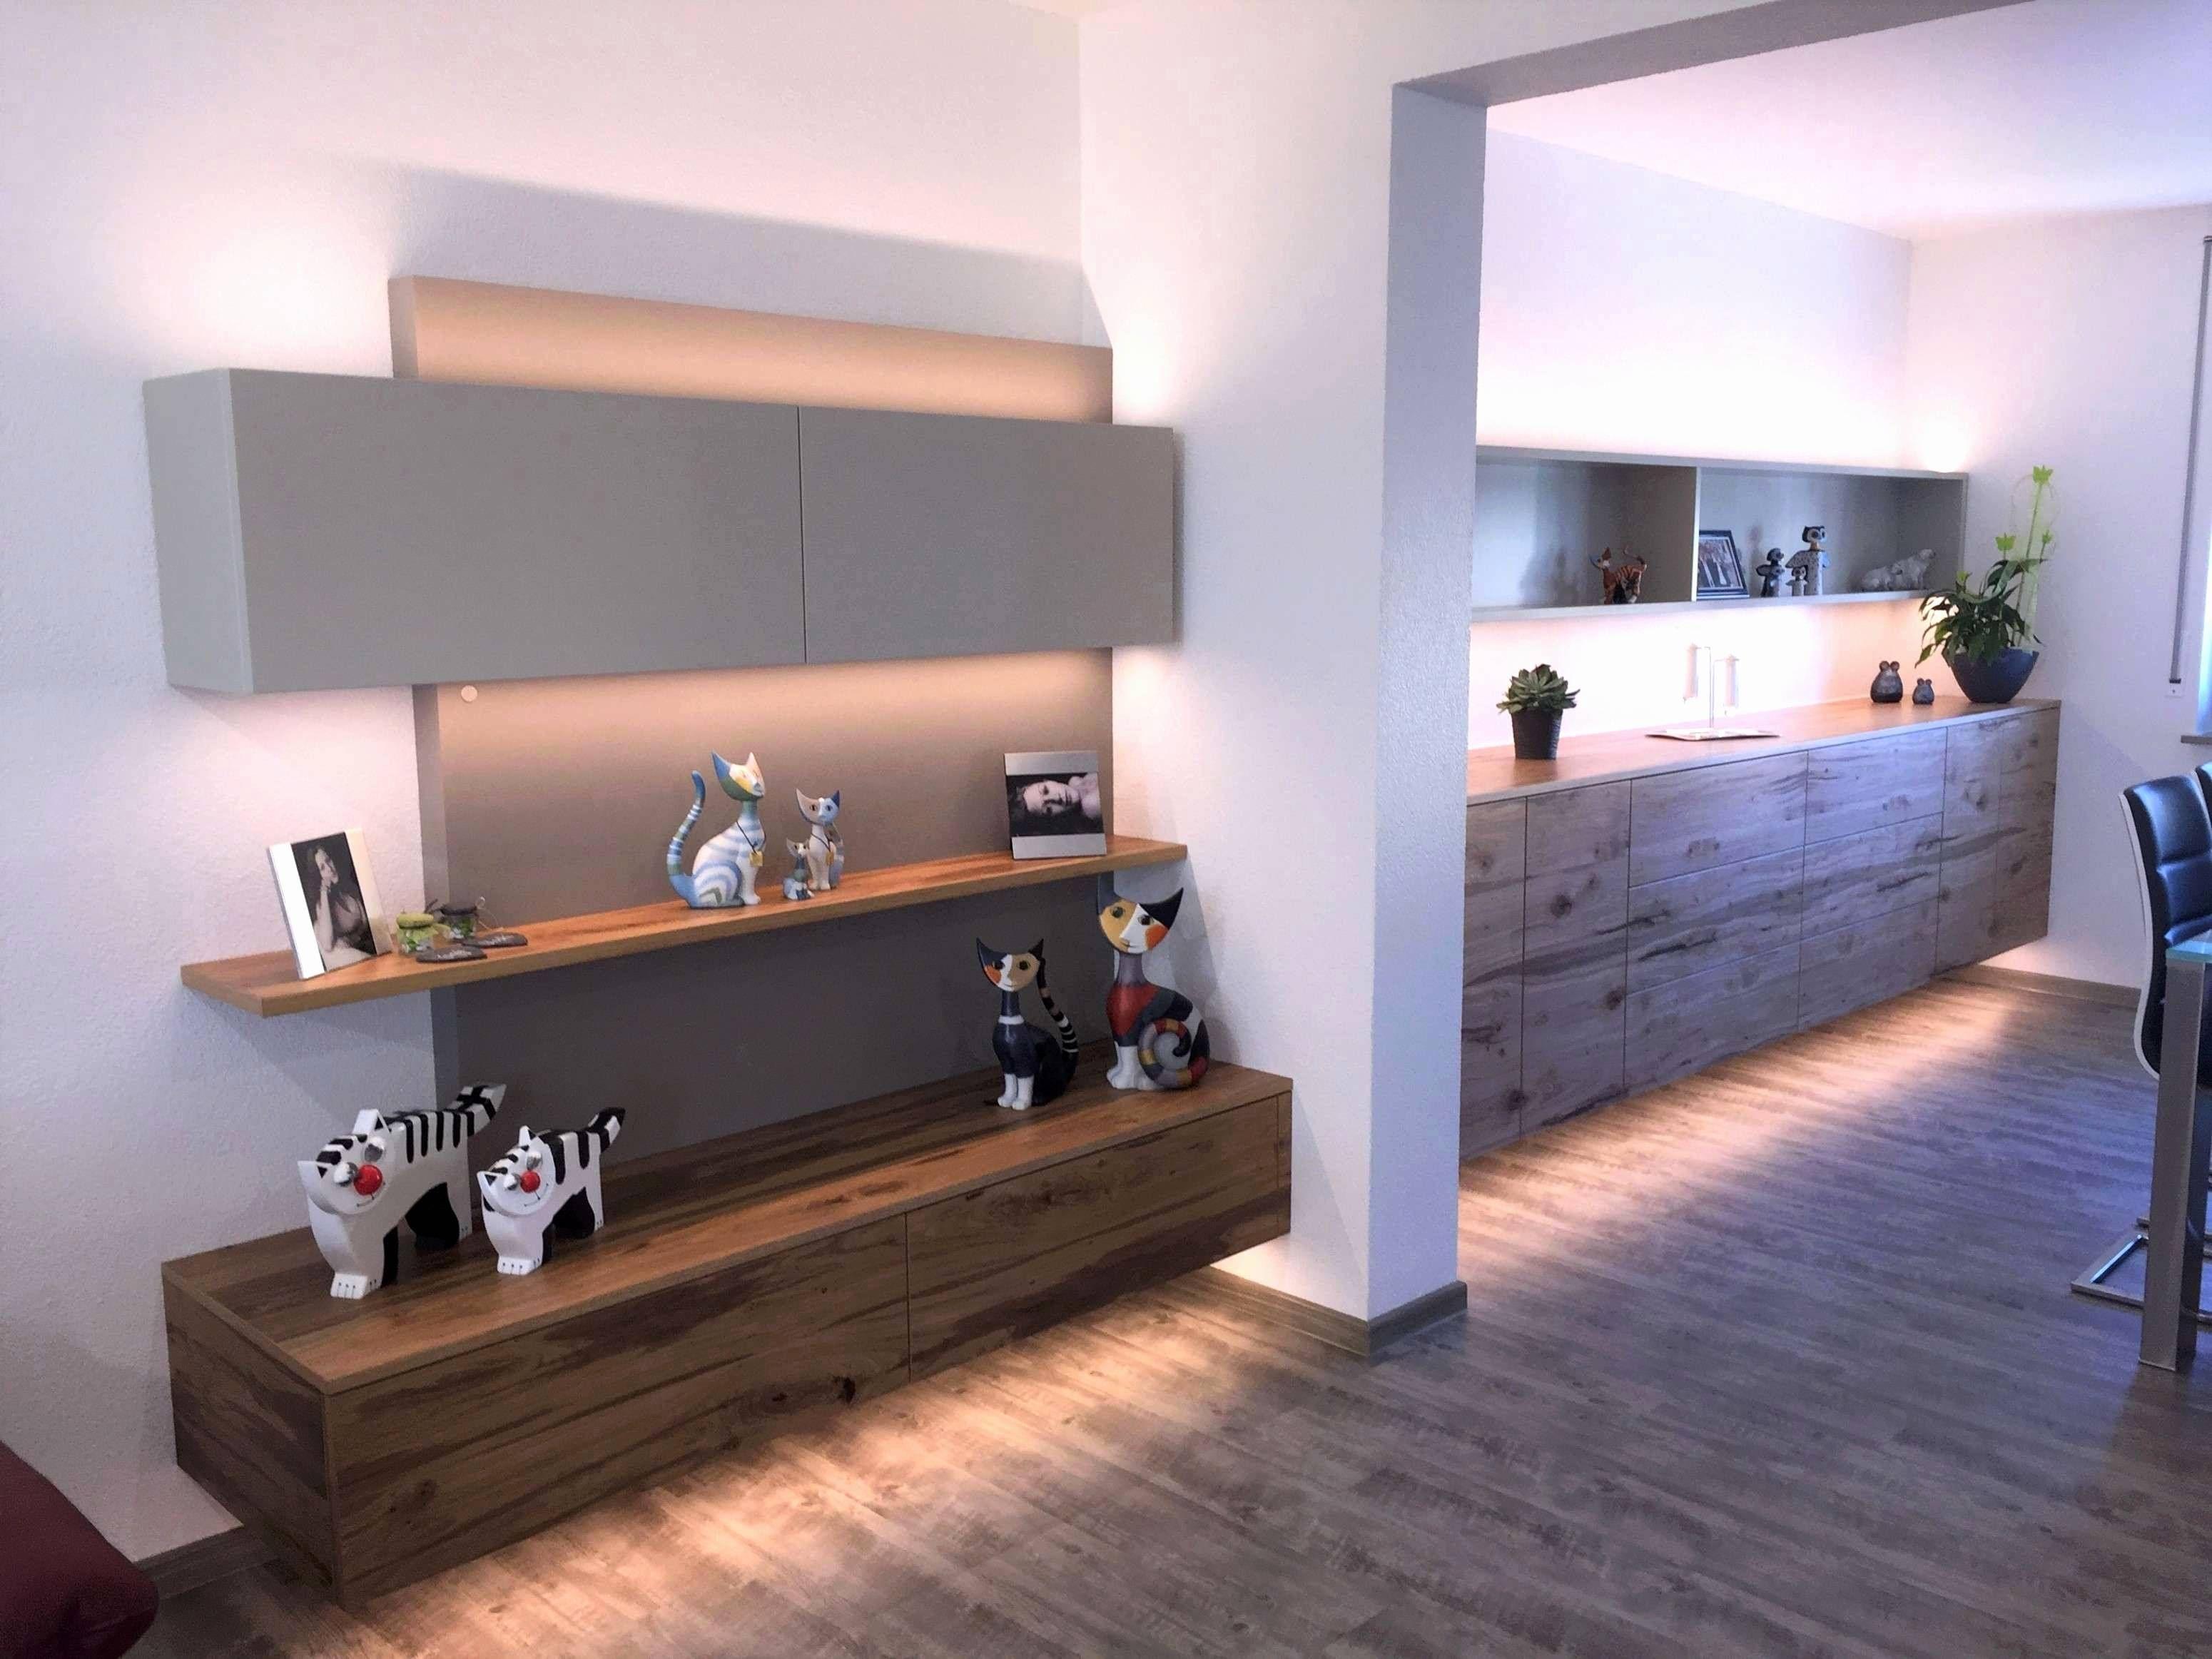 Luxury Retro Deko Wohnzimmer Concept Wohnideen Wohnzimmerideen